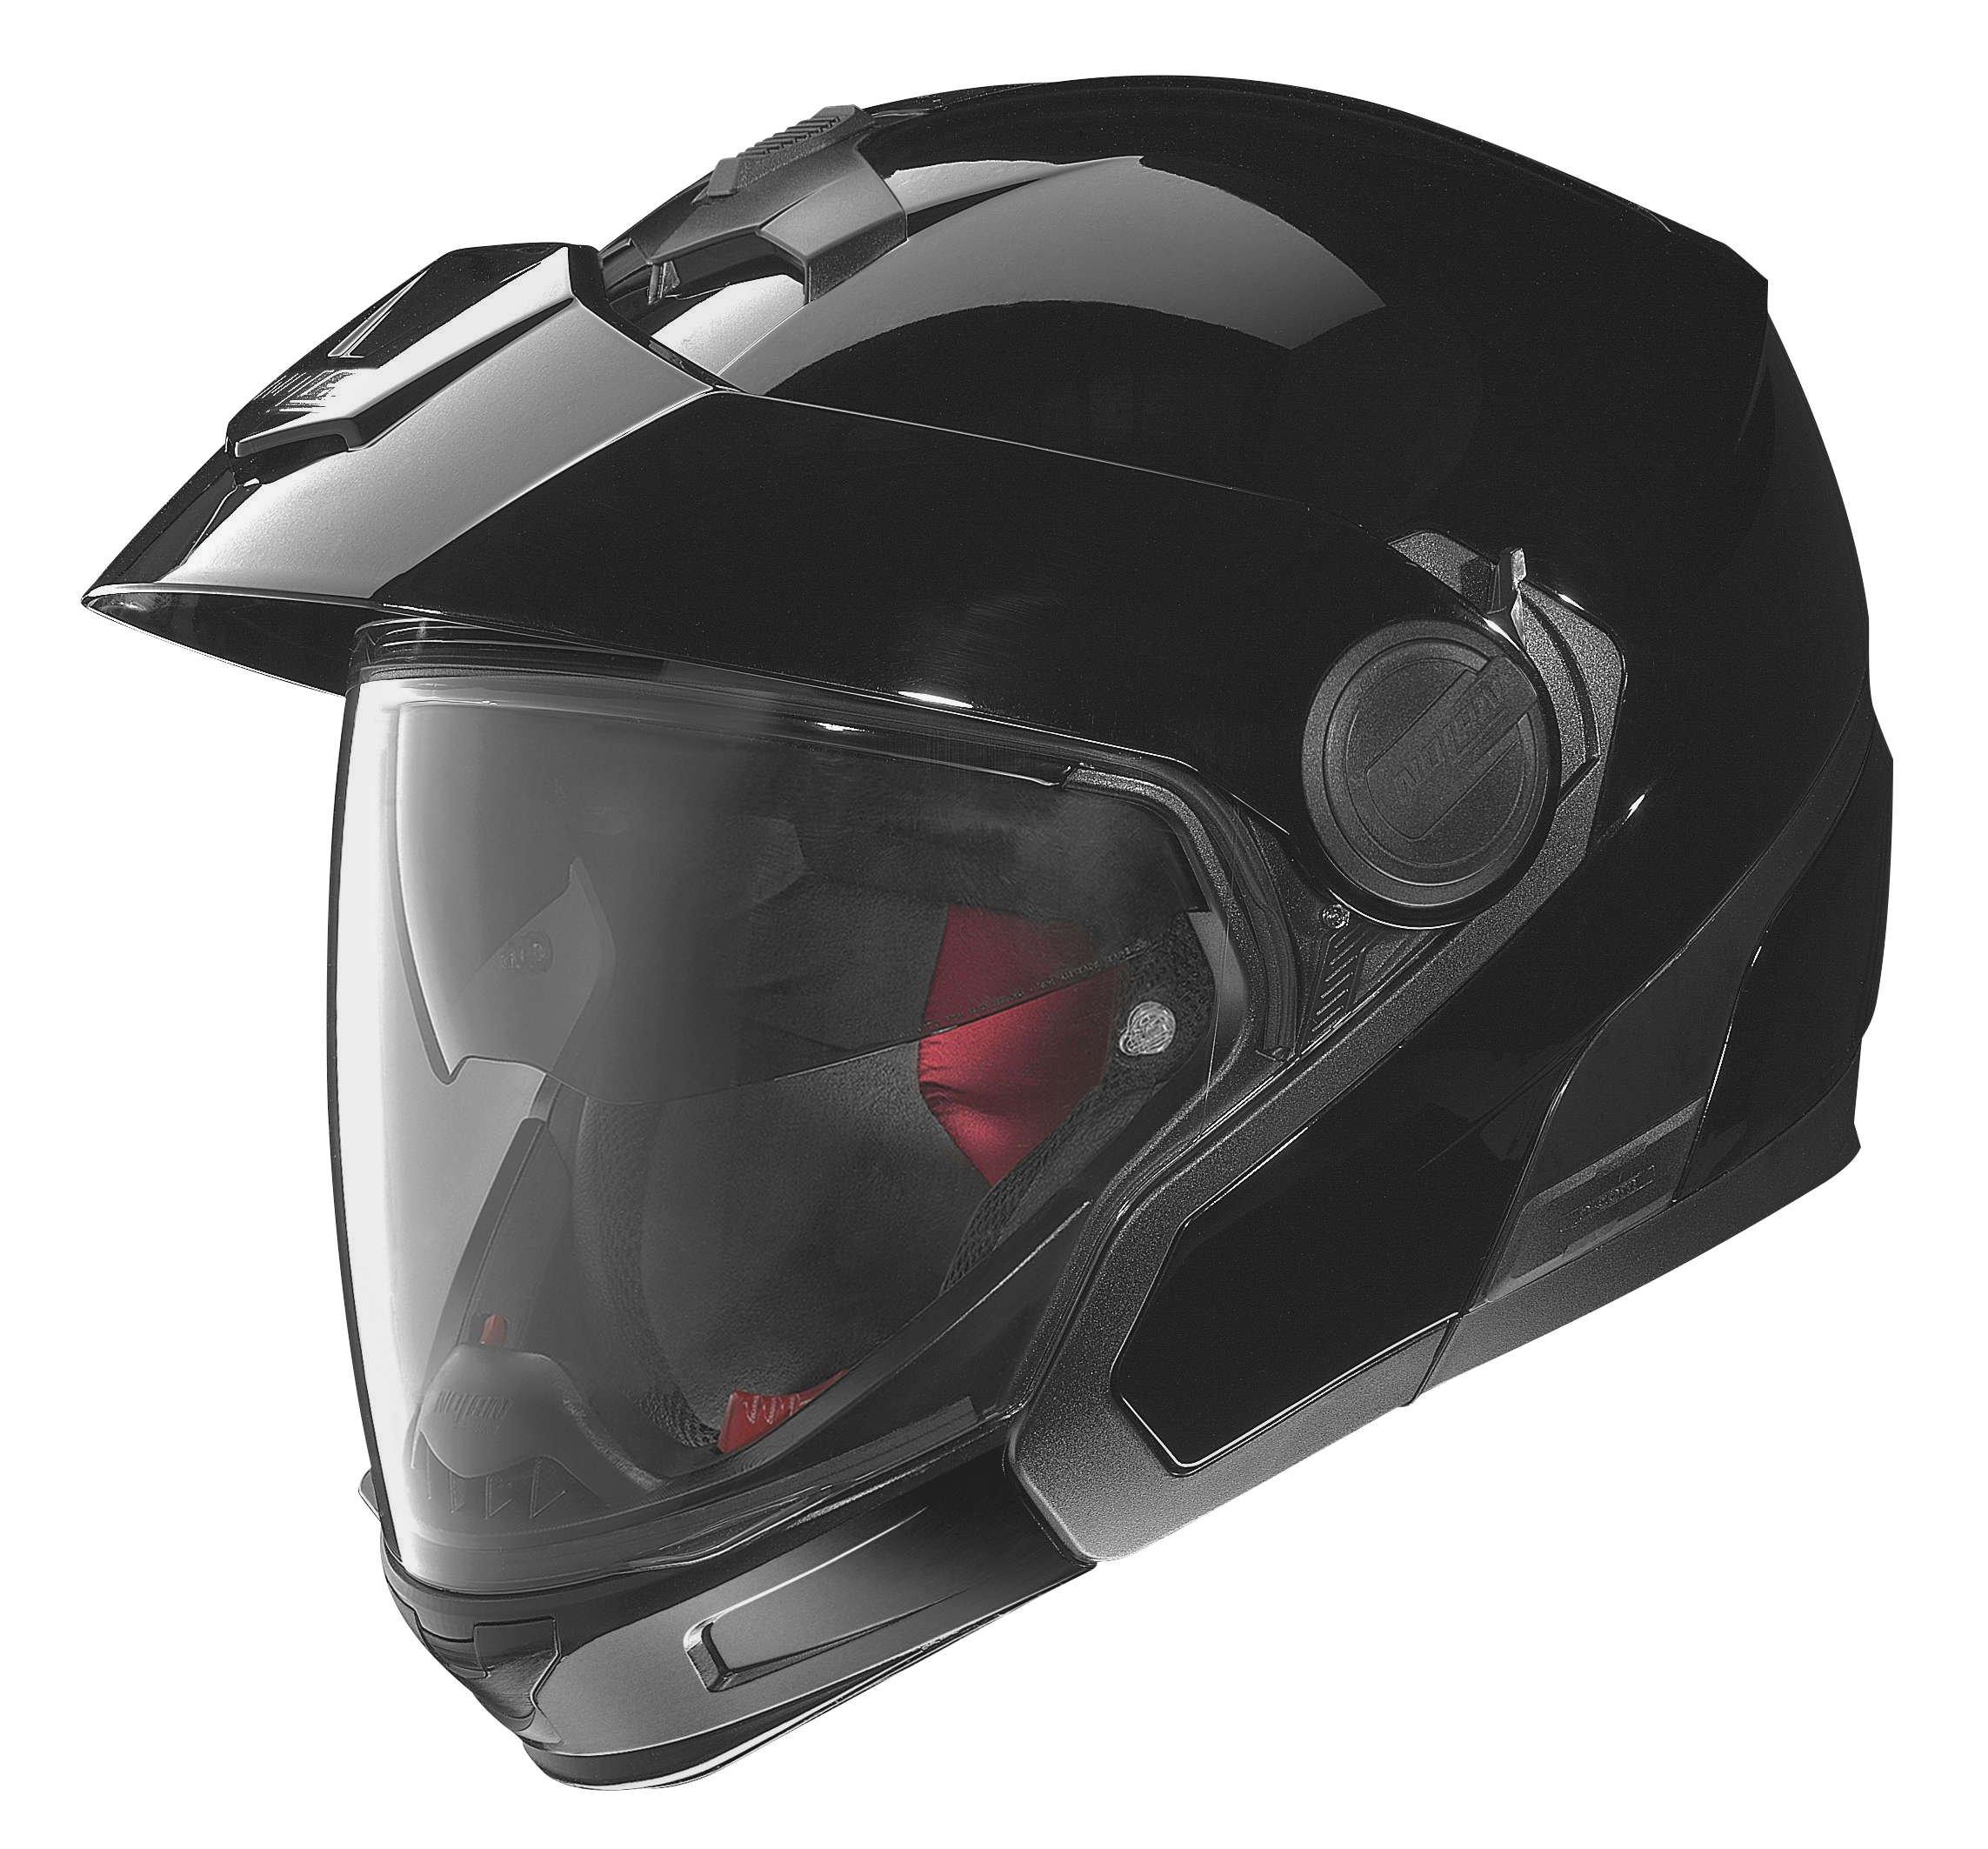 Nolan N40 Full MCS 2 Gloss Black Modular Helmet, L